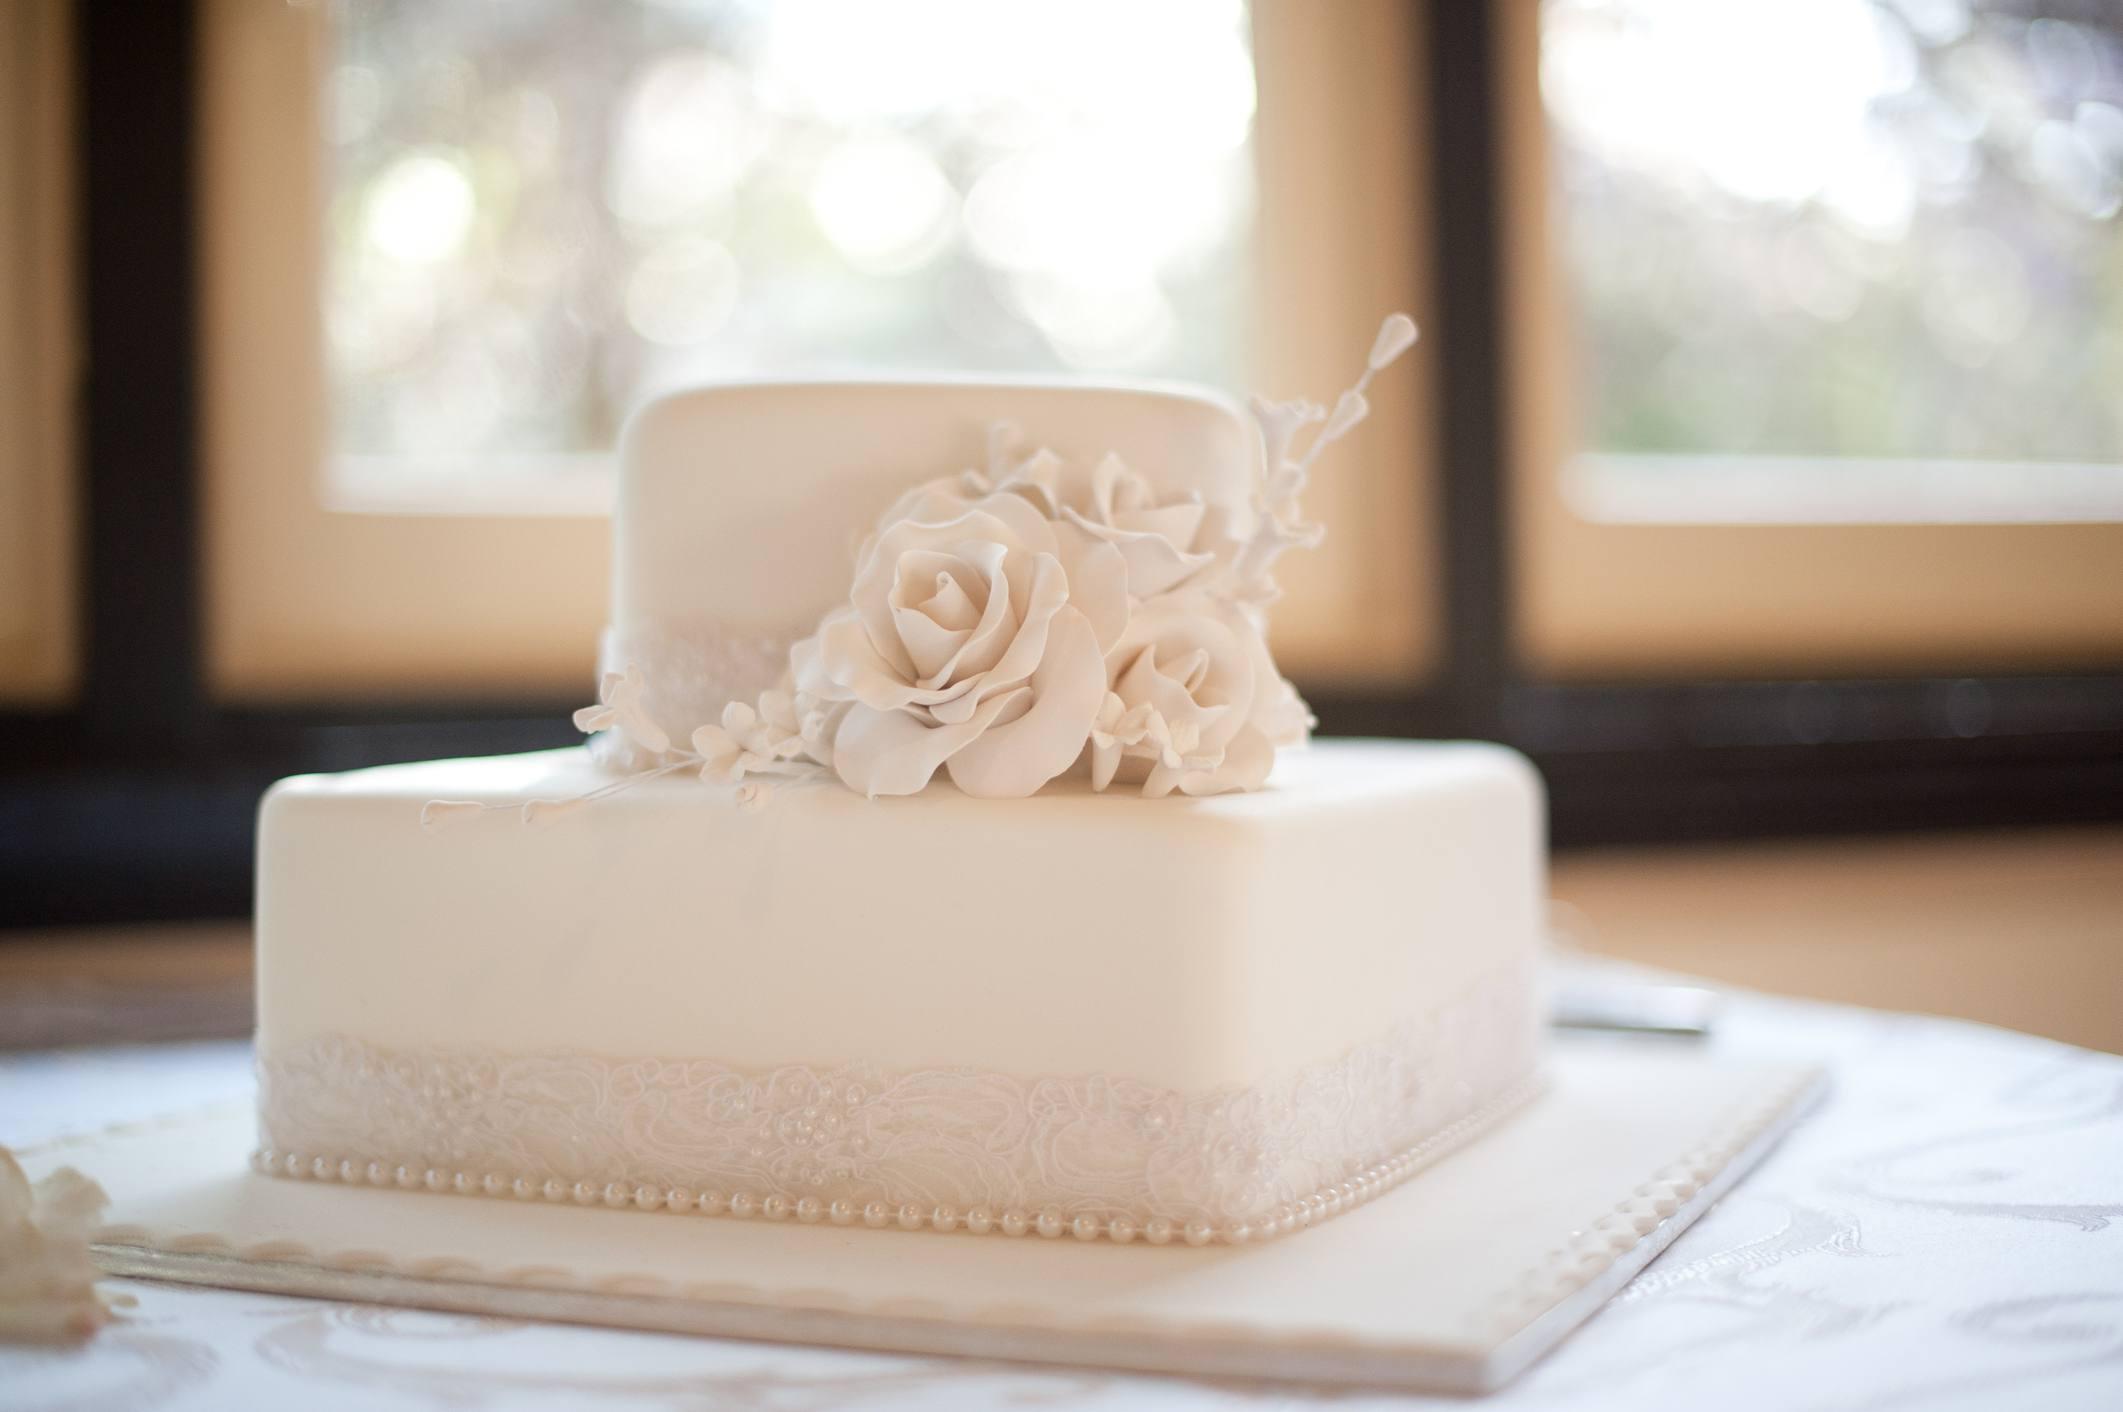 Gum paste bouquet on a celebration cake